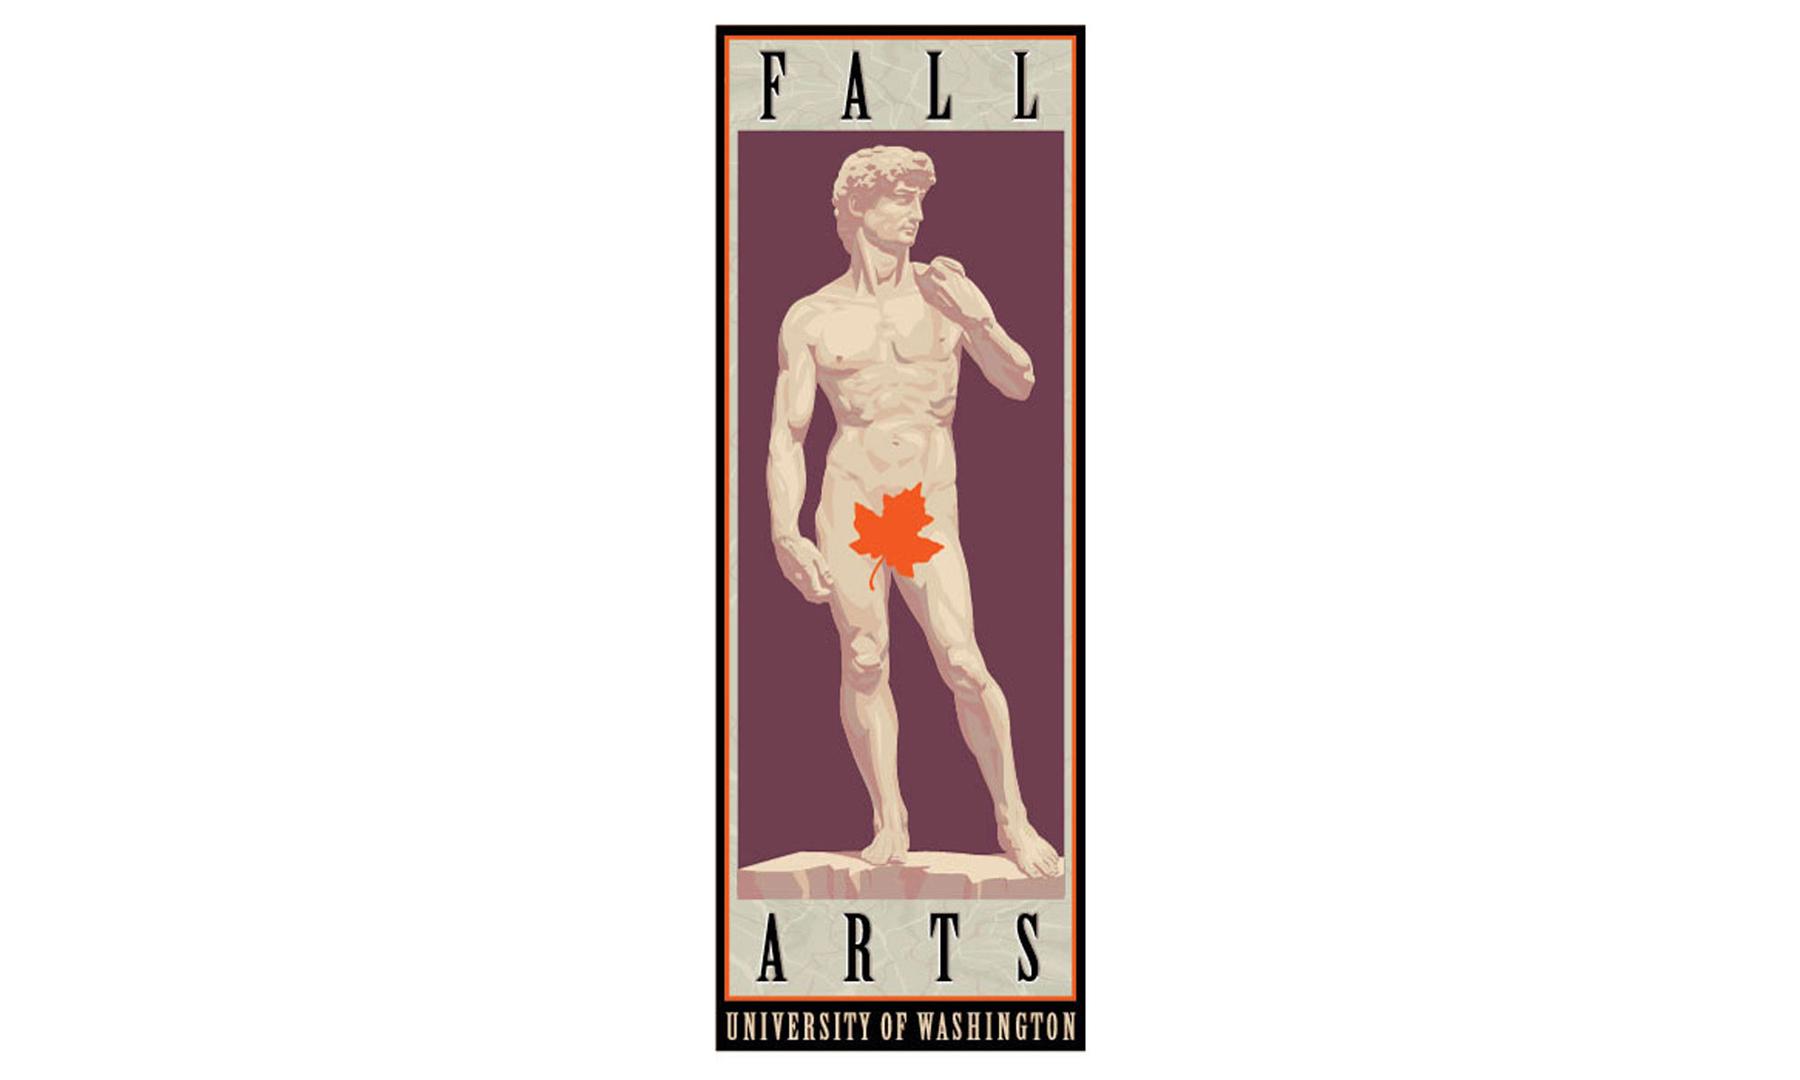 Kelly-Hume-036-Fall.jpg